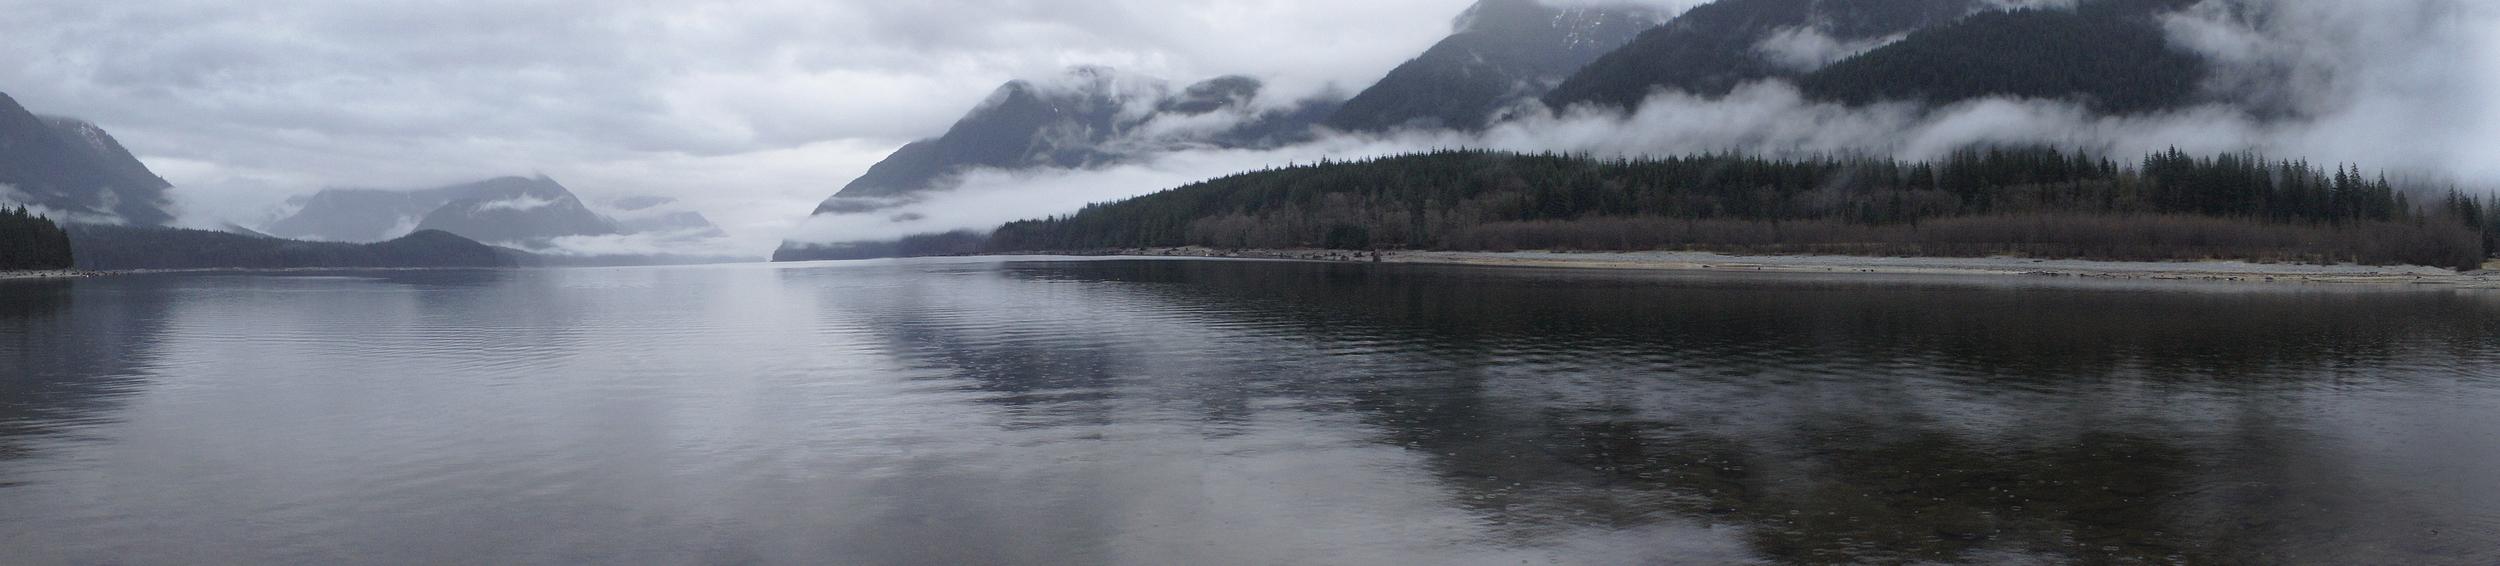 lake fresh 2.jpg